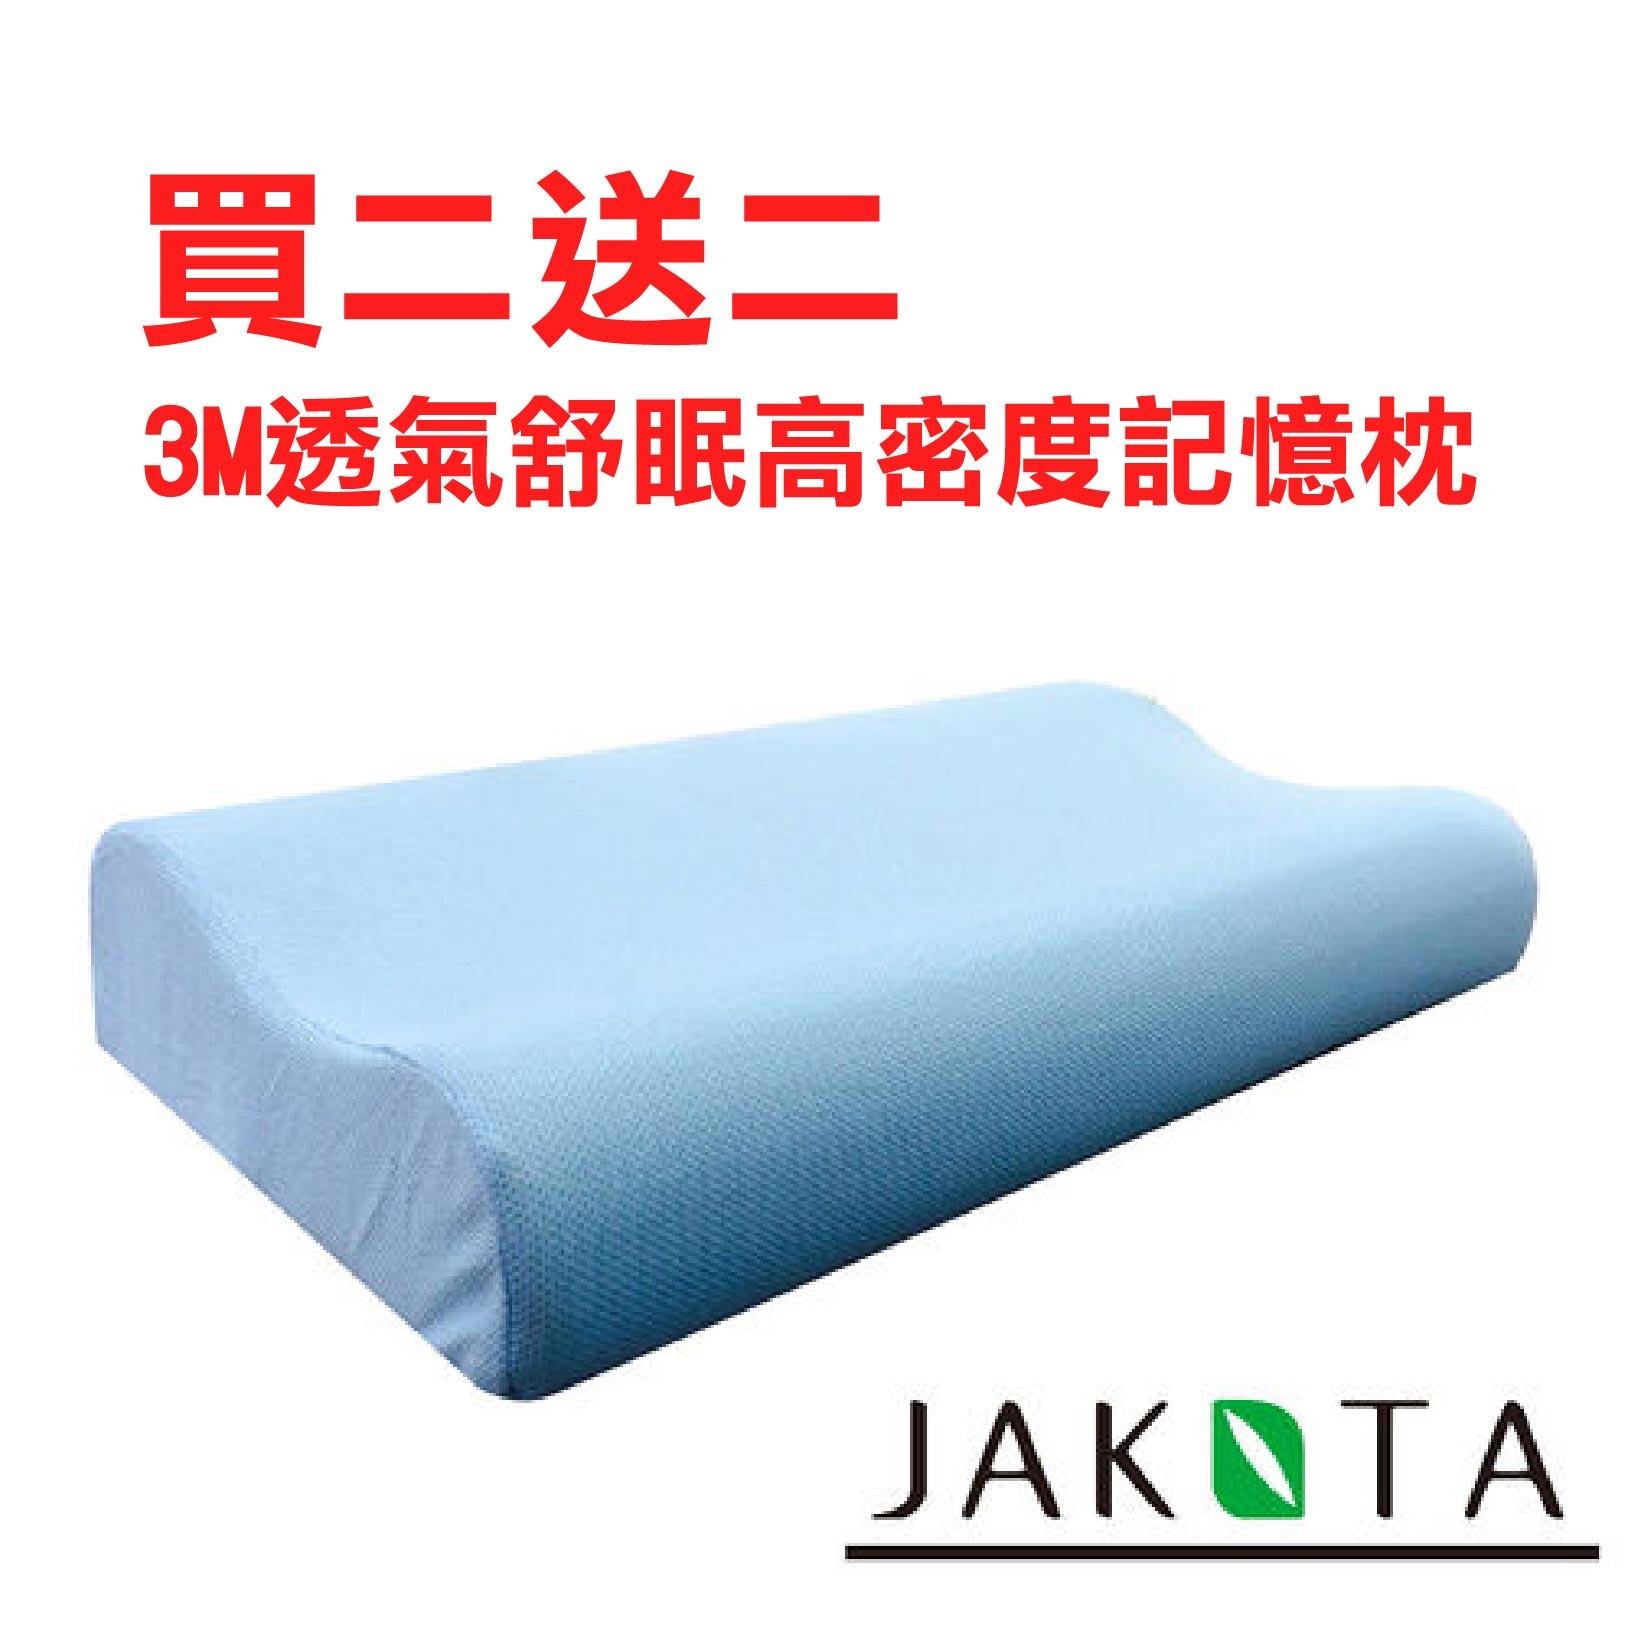 3M吸濕排汗表布 MIT高密度記憶枕(4入)